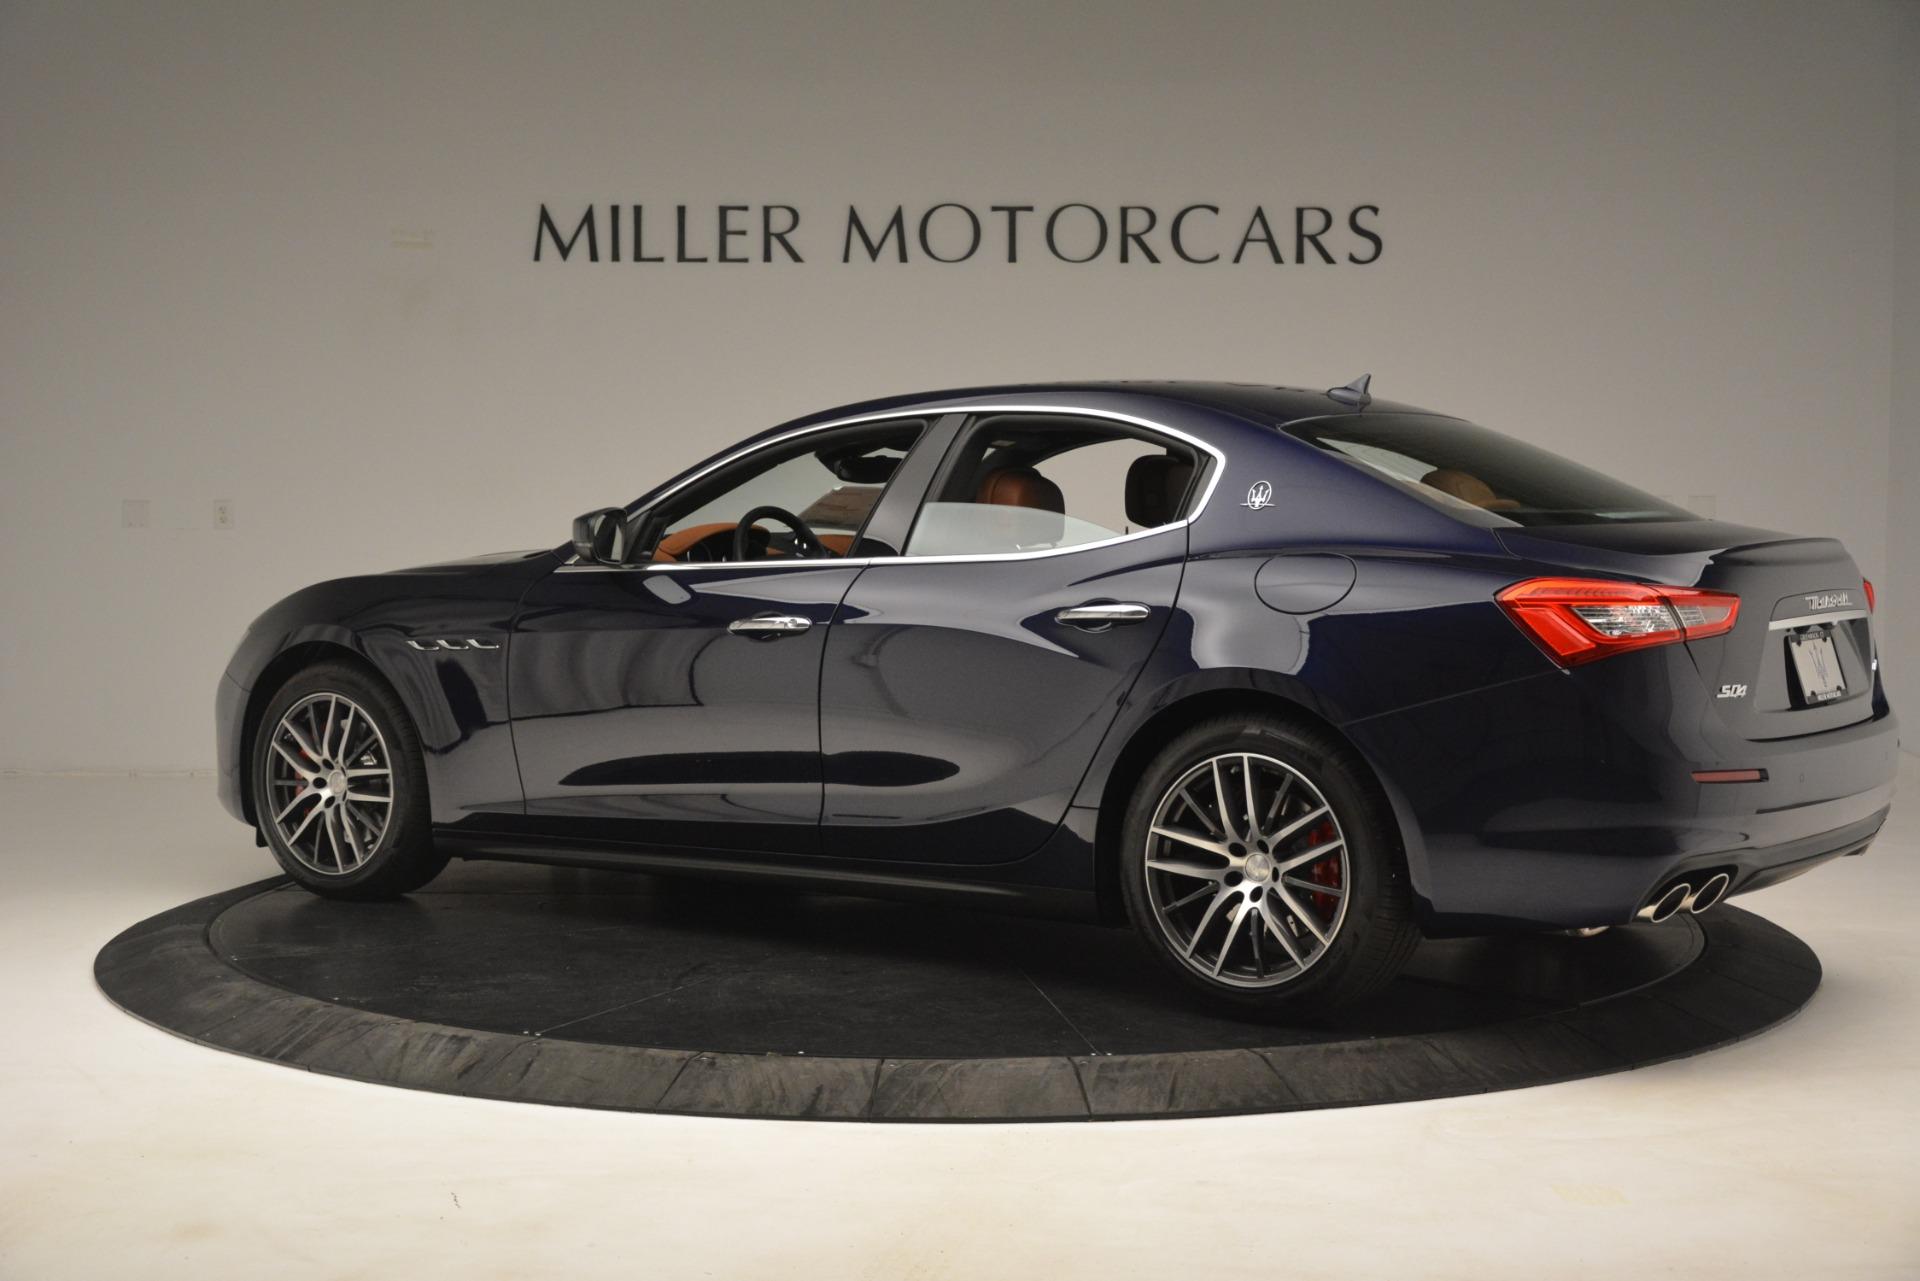 New 2019 Maserati Ghibli S Q4 For Sale In Greenwich, CT 3106_p4